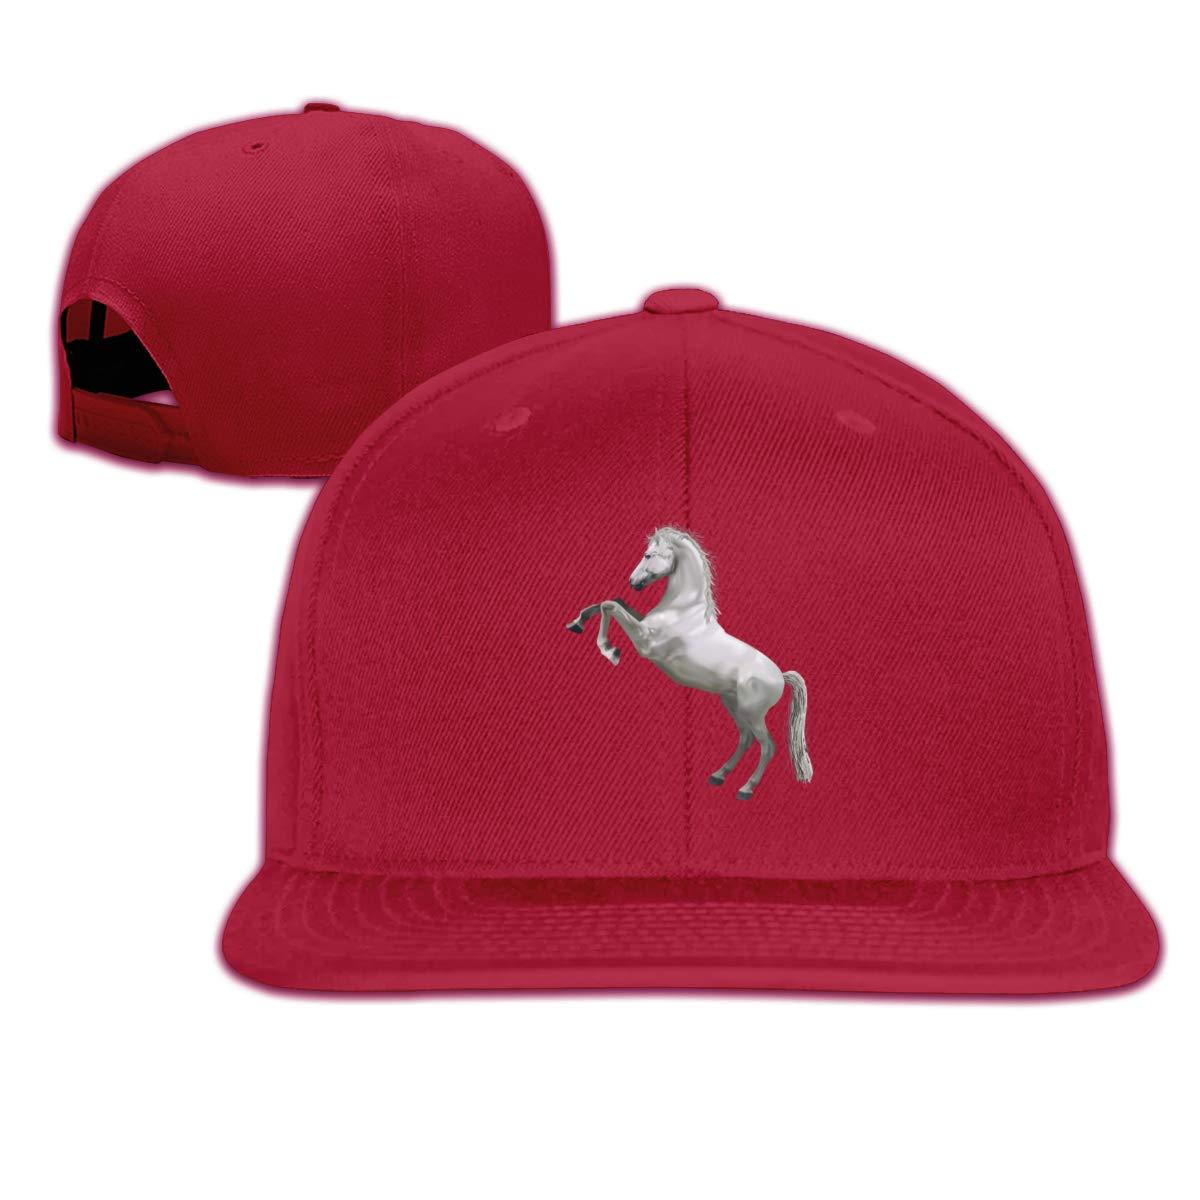 Flying Horse Flat Brim Baseball Cap Adjustable Snapback Trucker Hat Caps Hip Hop Hat